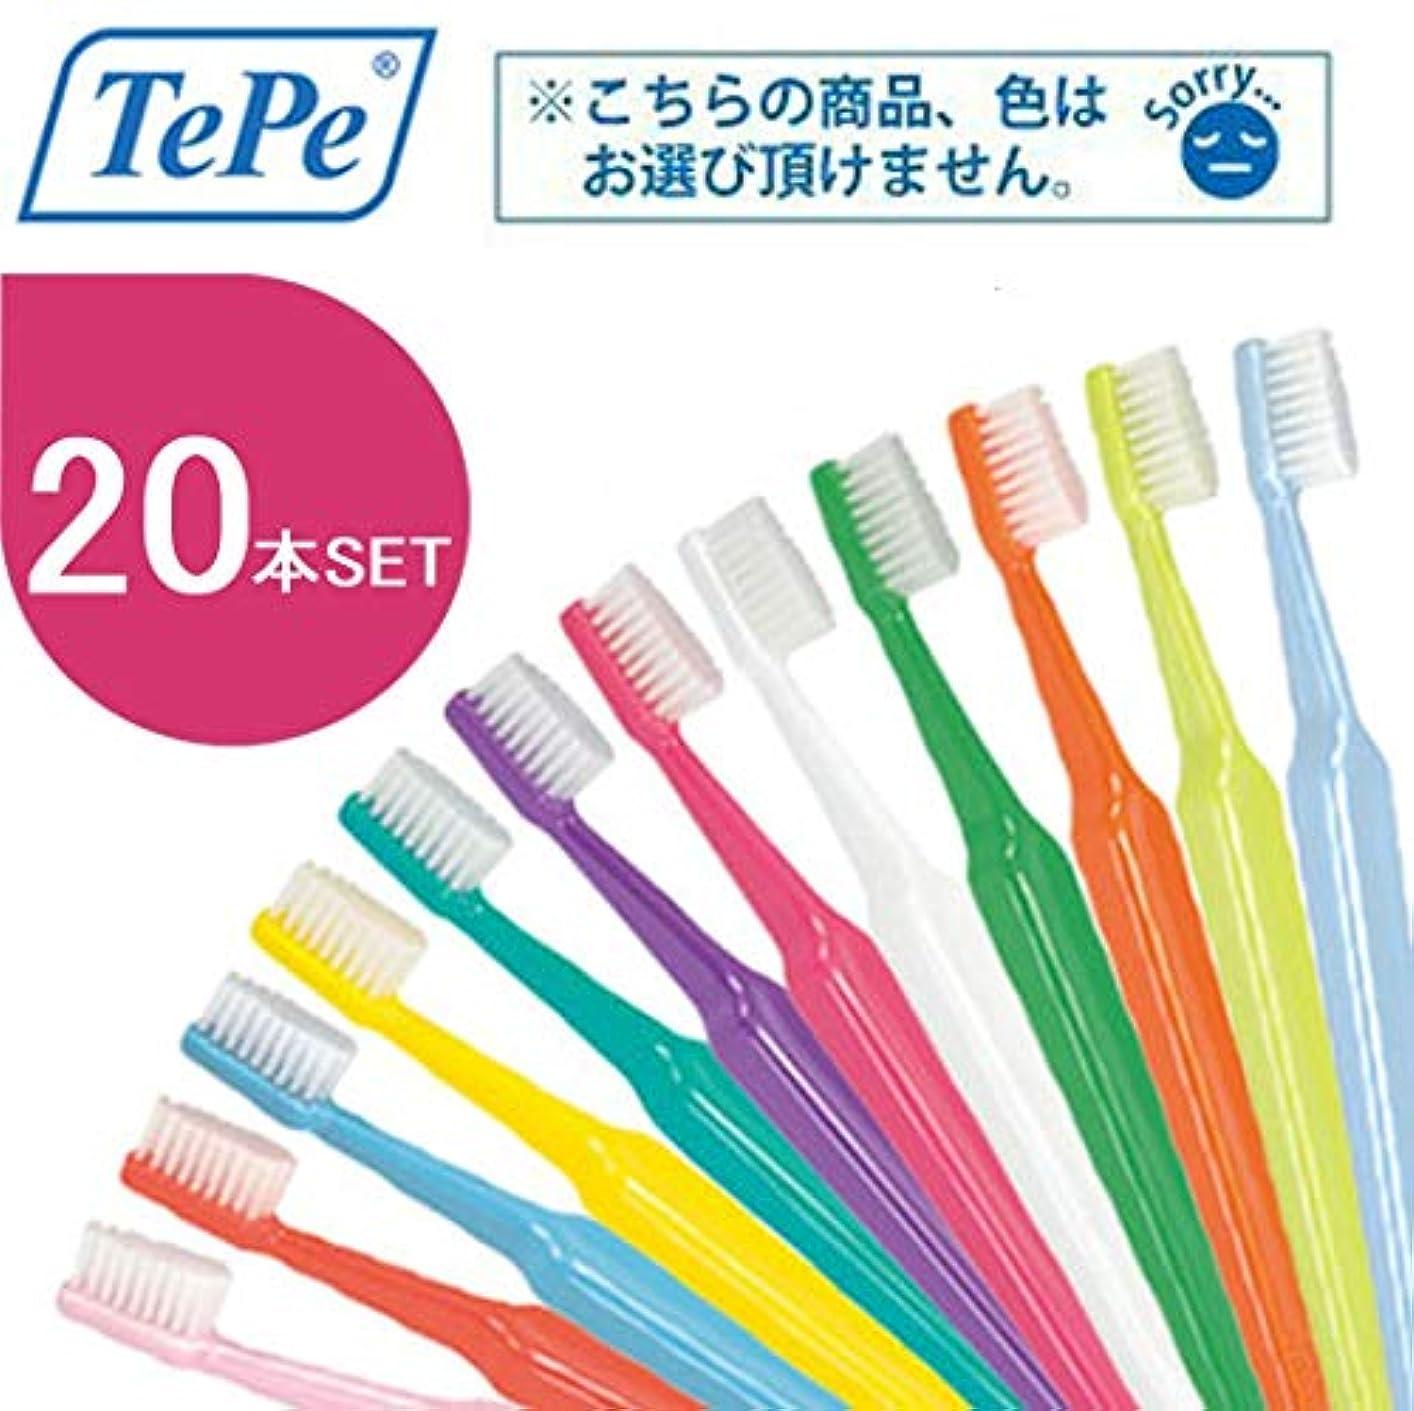 悪い解釈的パッドクロスフィールド TePe テペ セレクト 歯ブラシ 20本 (ソフト)